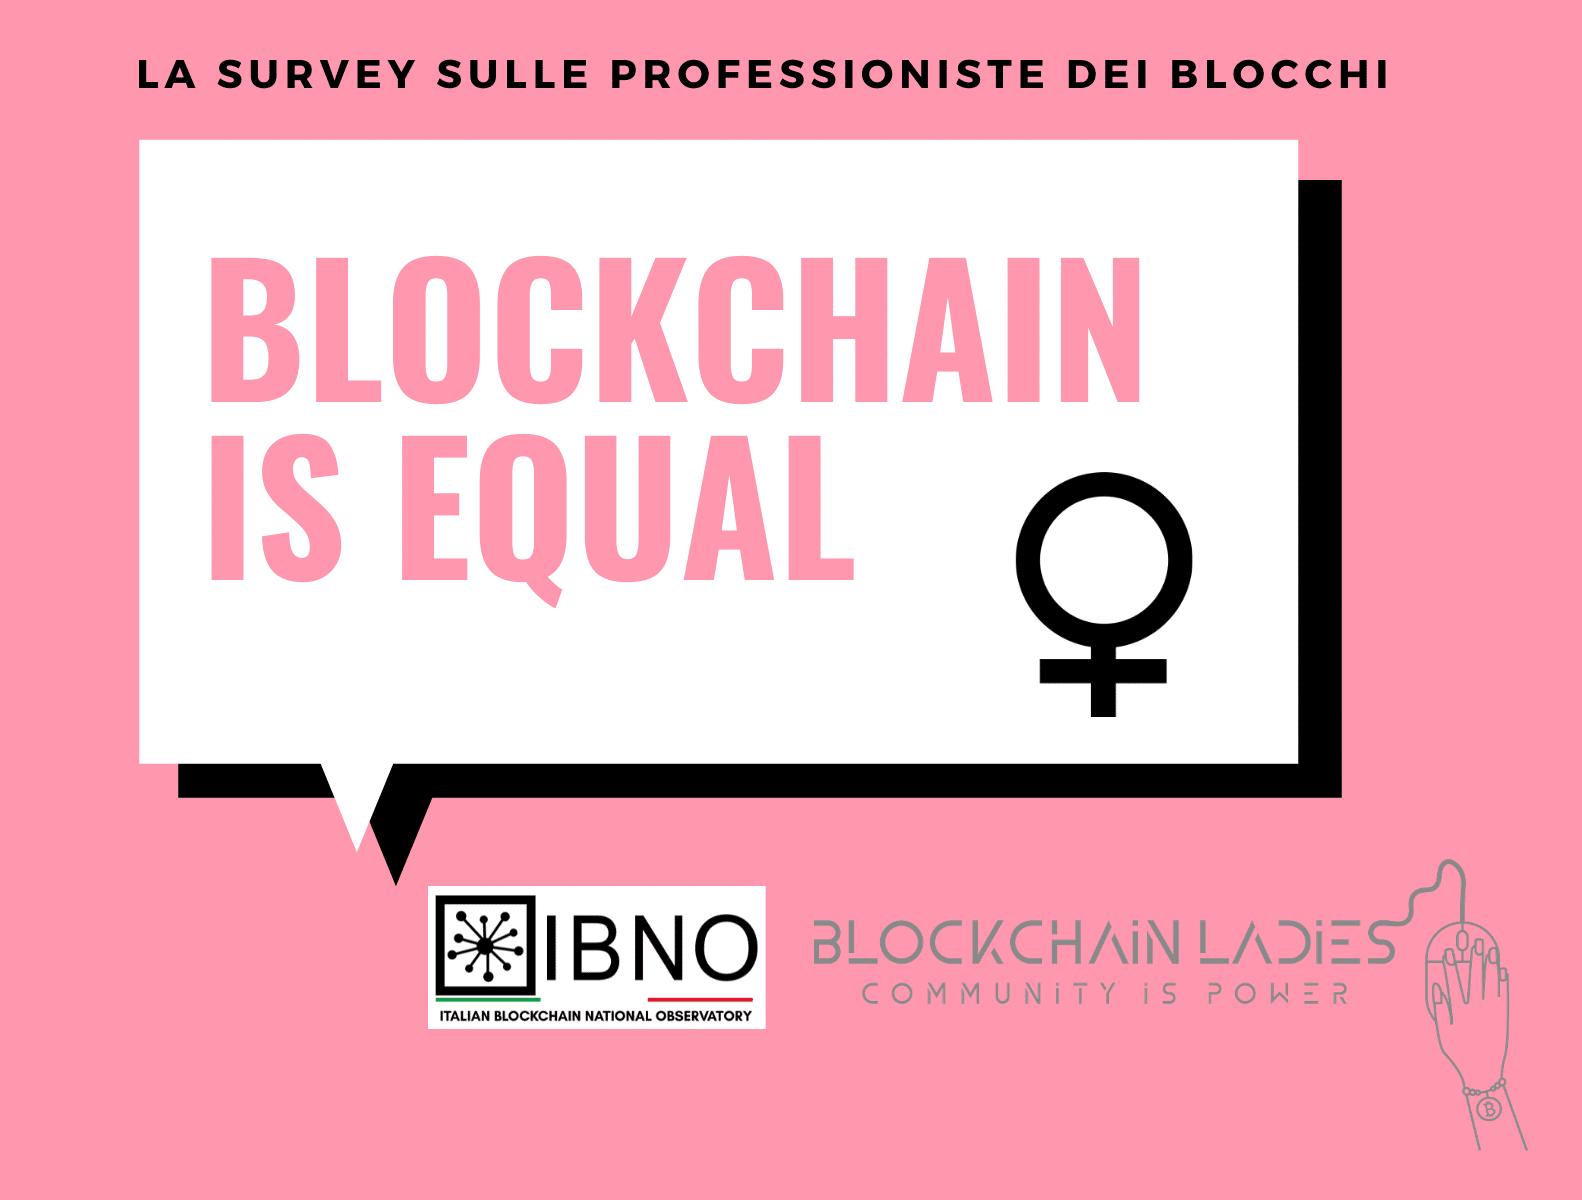 IBNO e Blockchain Ladies annunciano la Survey #BlockchainIsEqual per inquadrare il fenomeno della disparità di genere